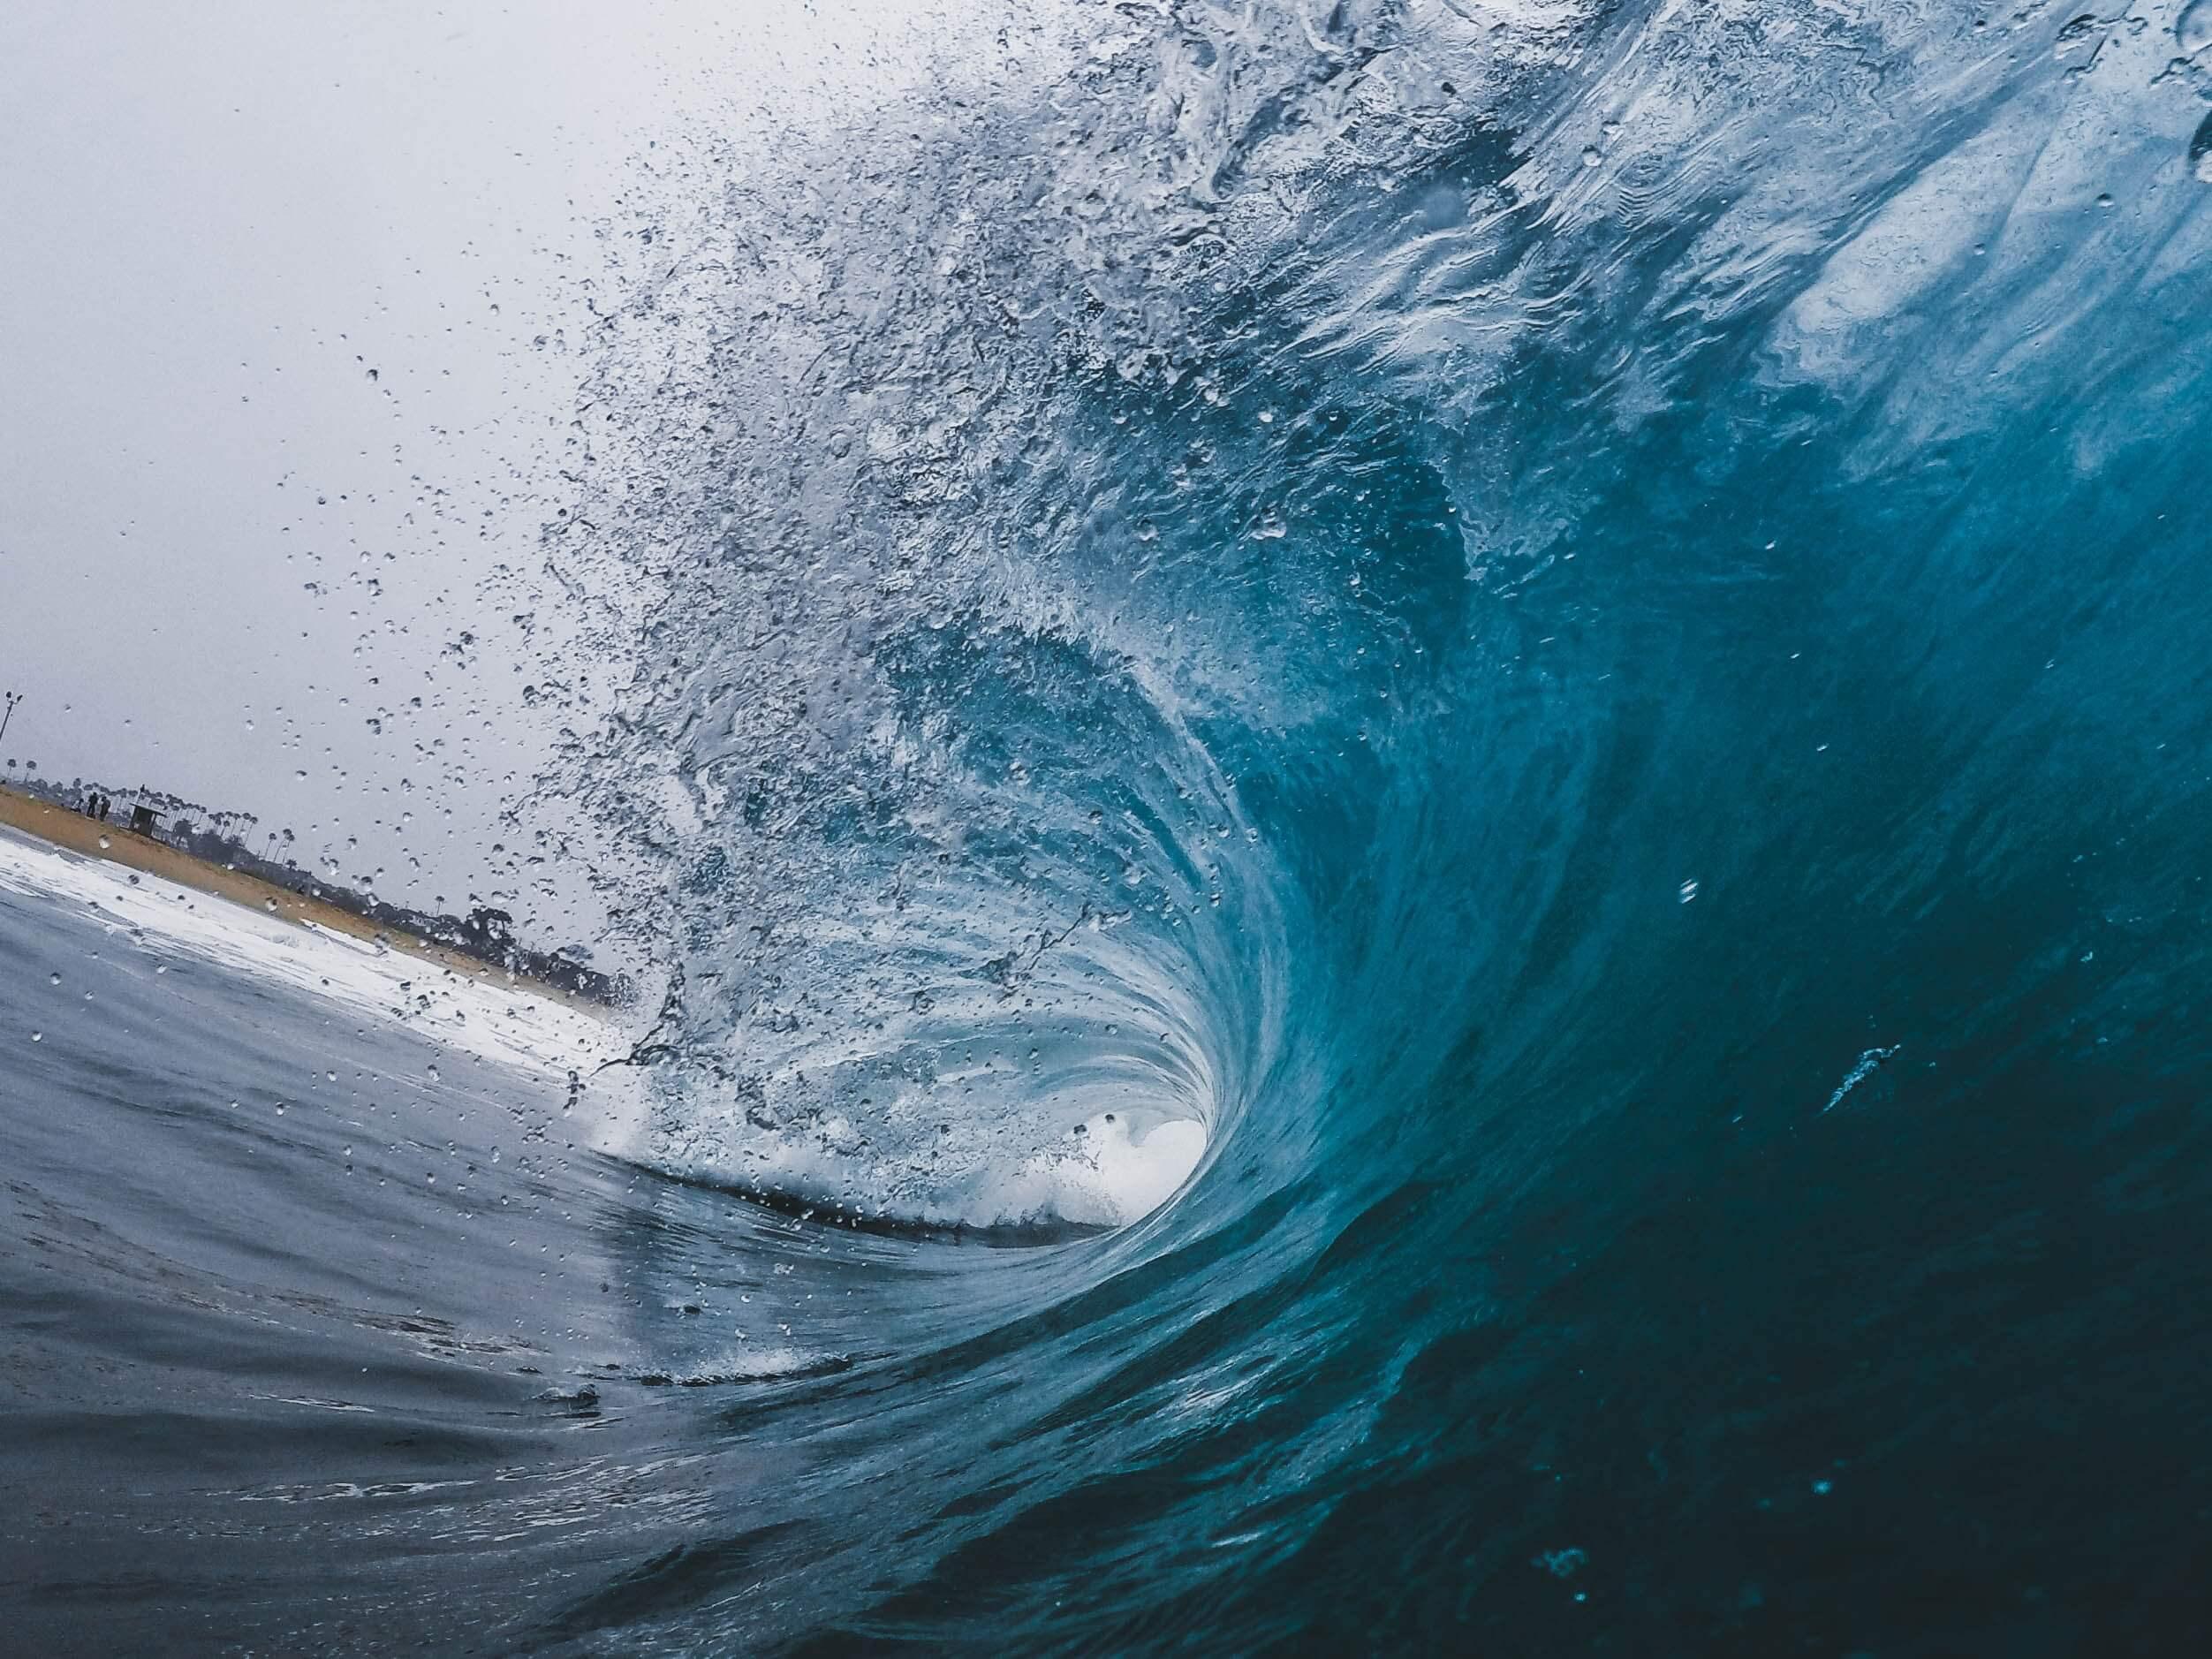 Wave-Forrester-Trending-Image